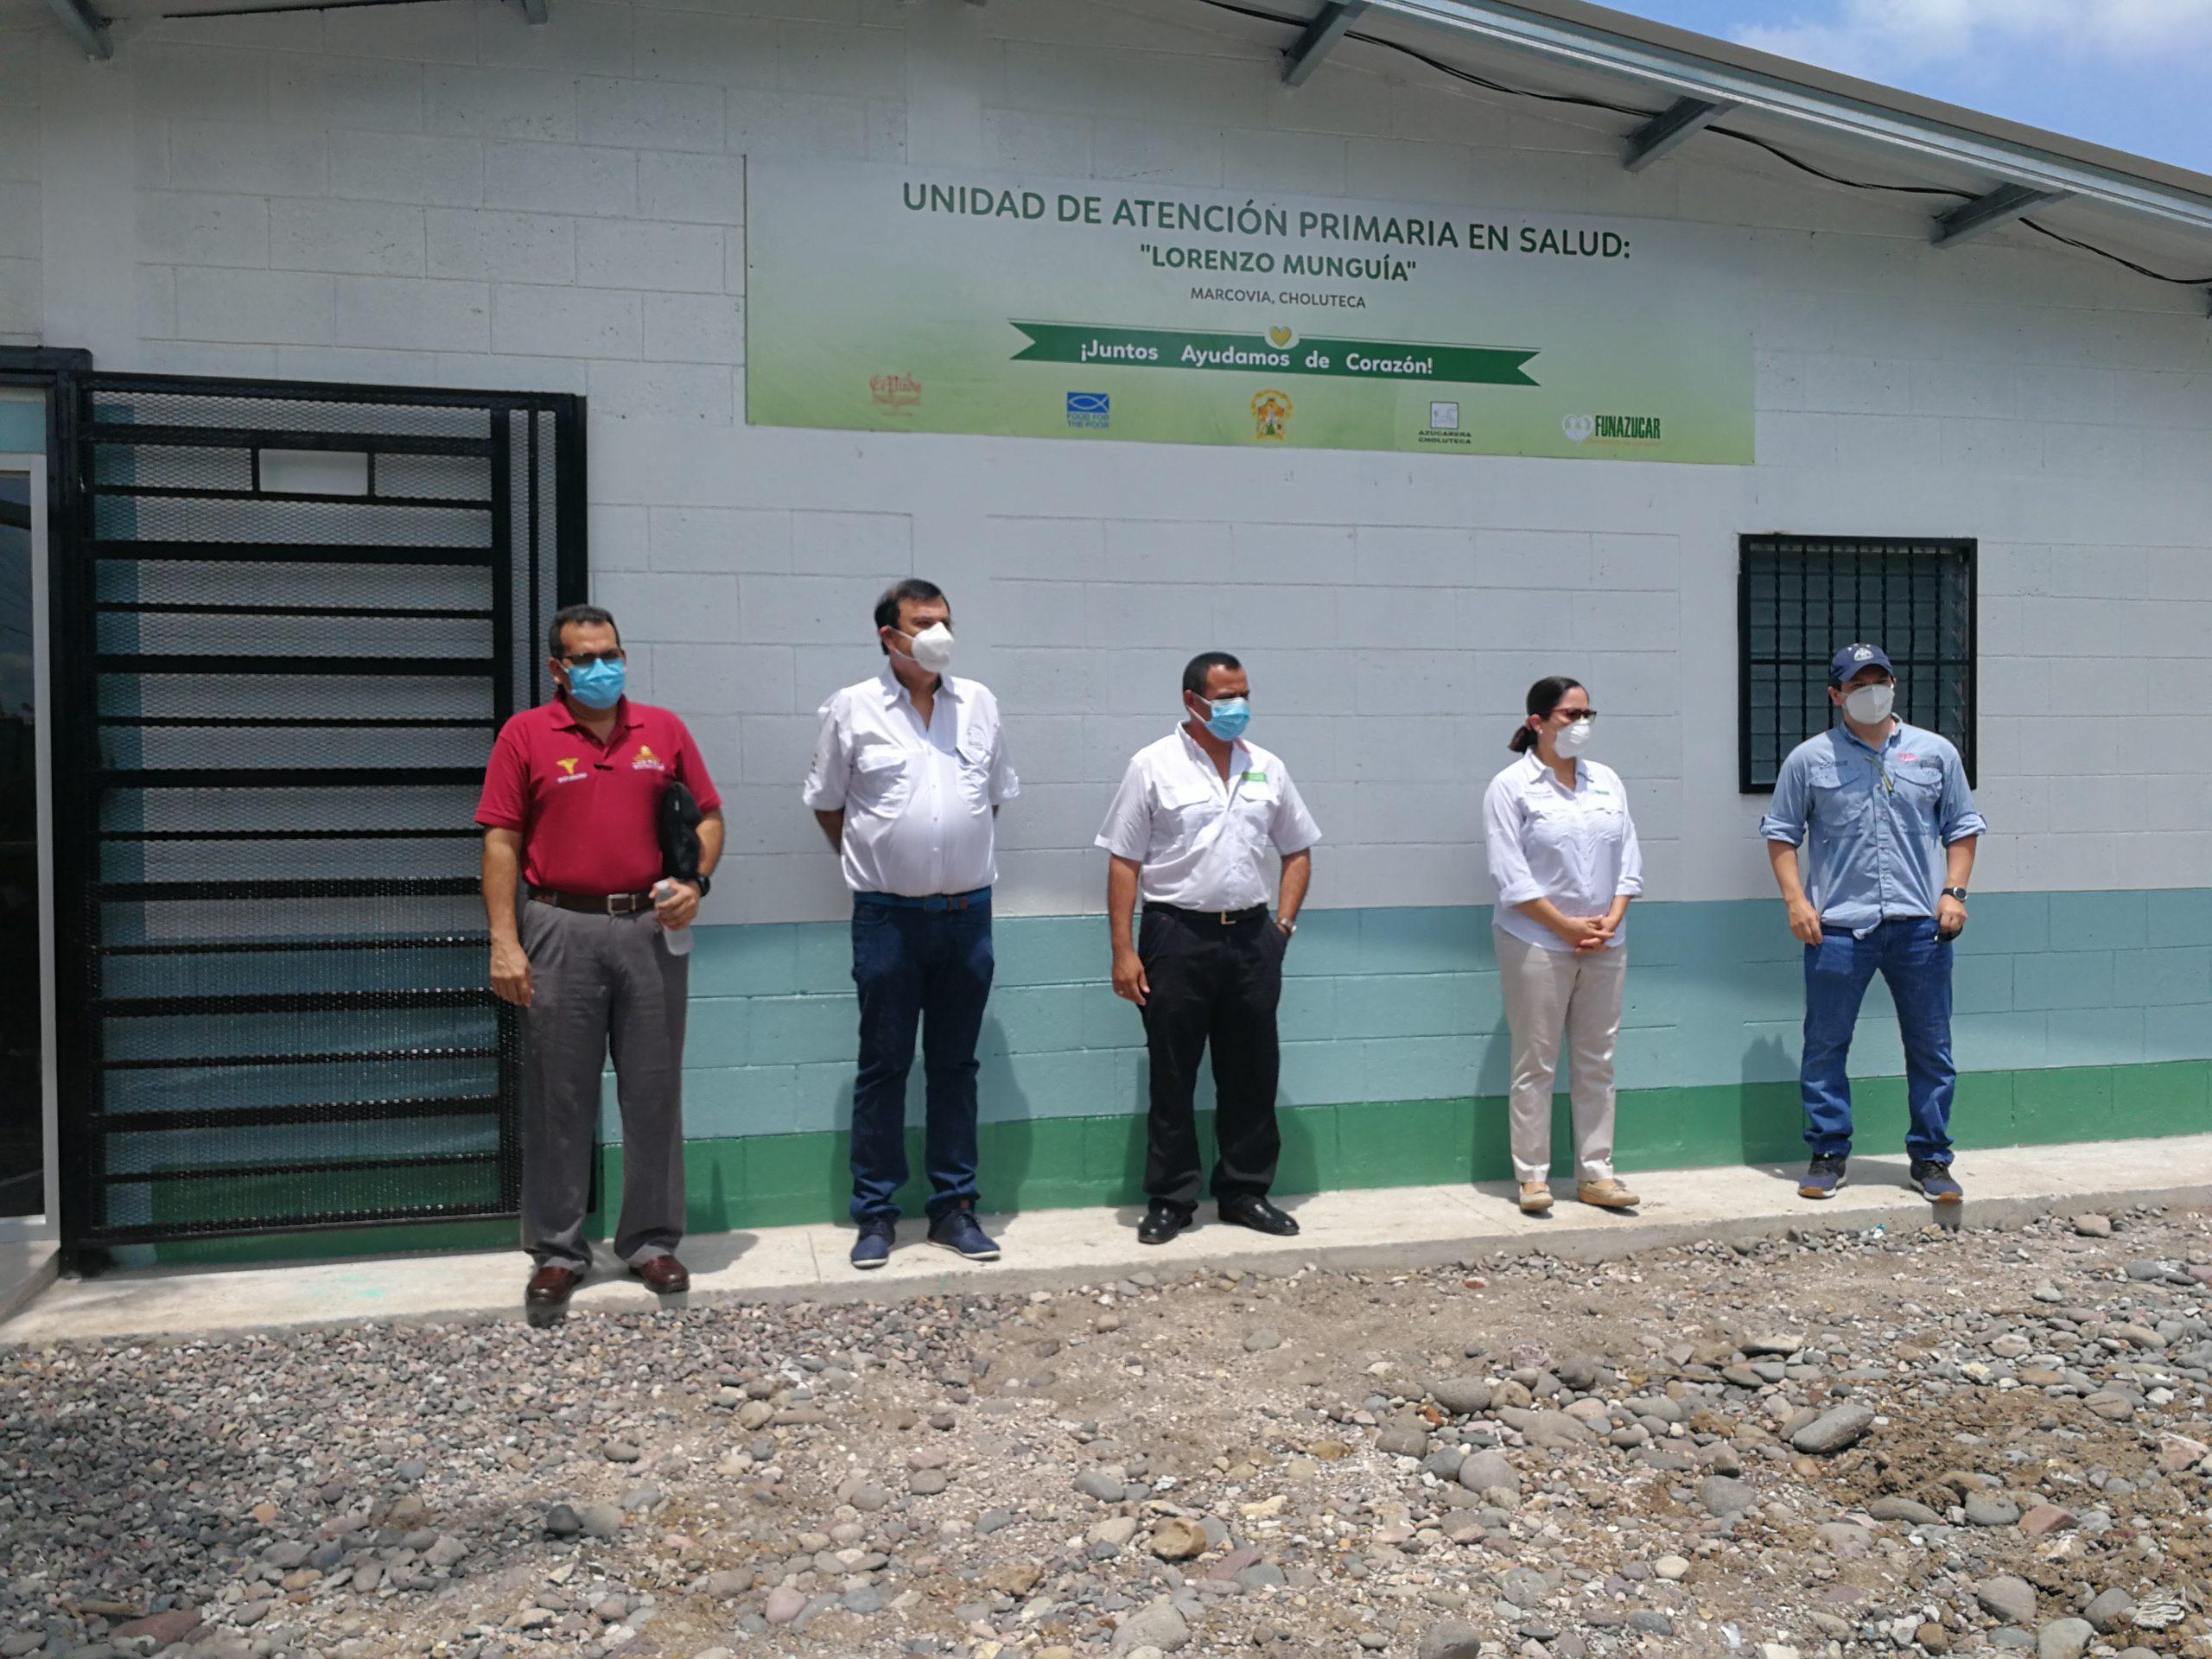 Inauguración de la Clínica Lorenzo Munguía en Marcovia, Choluteca